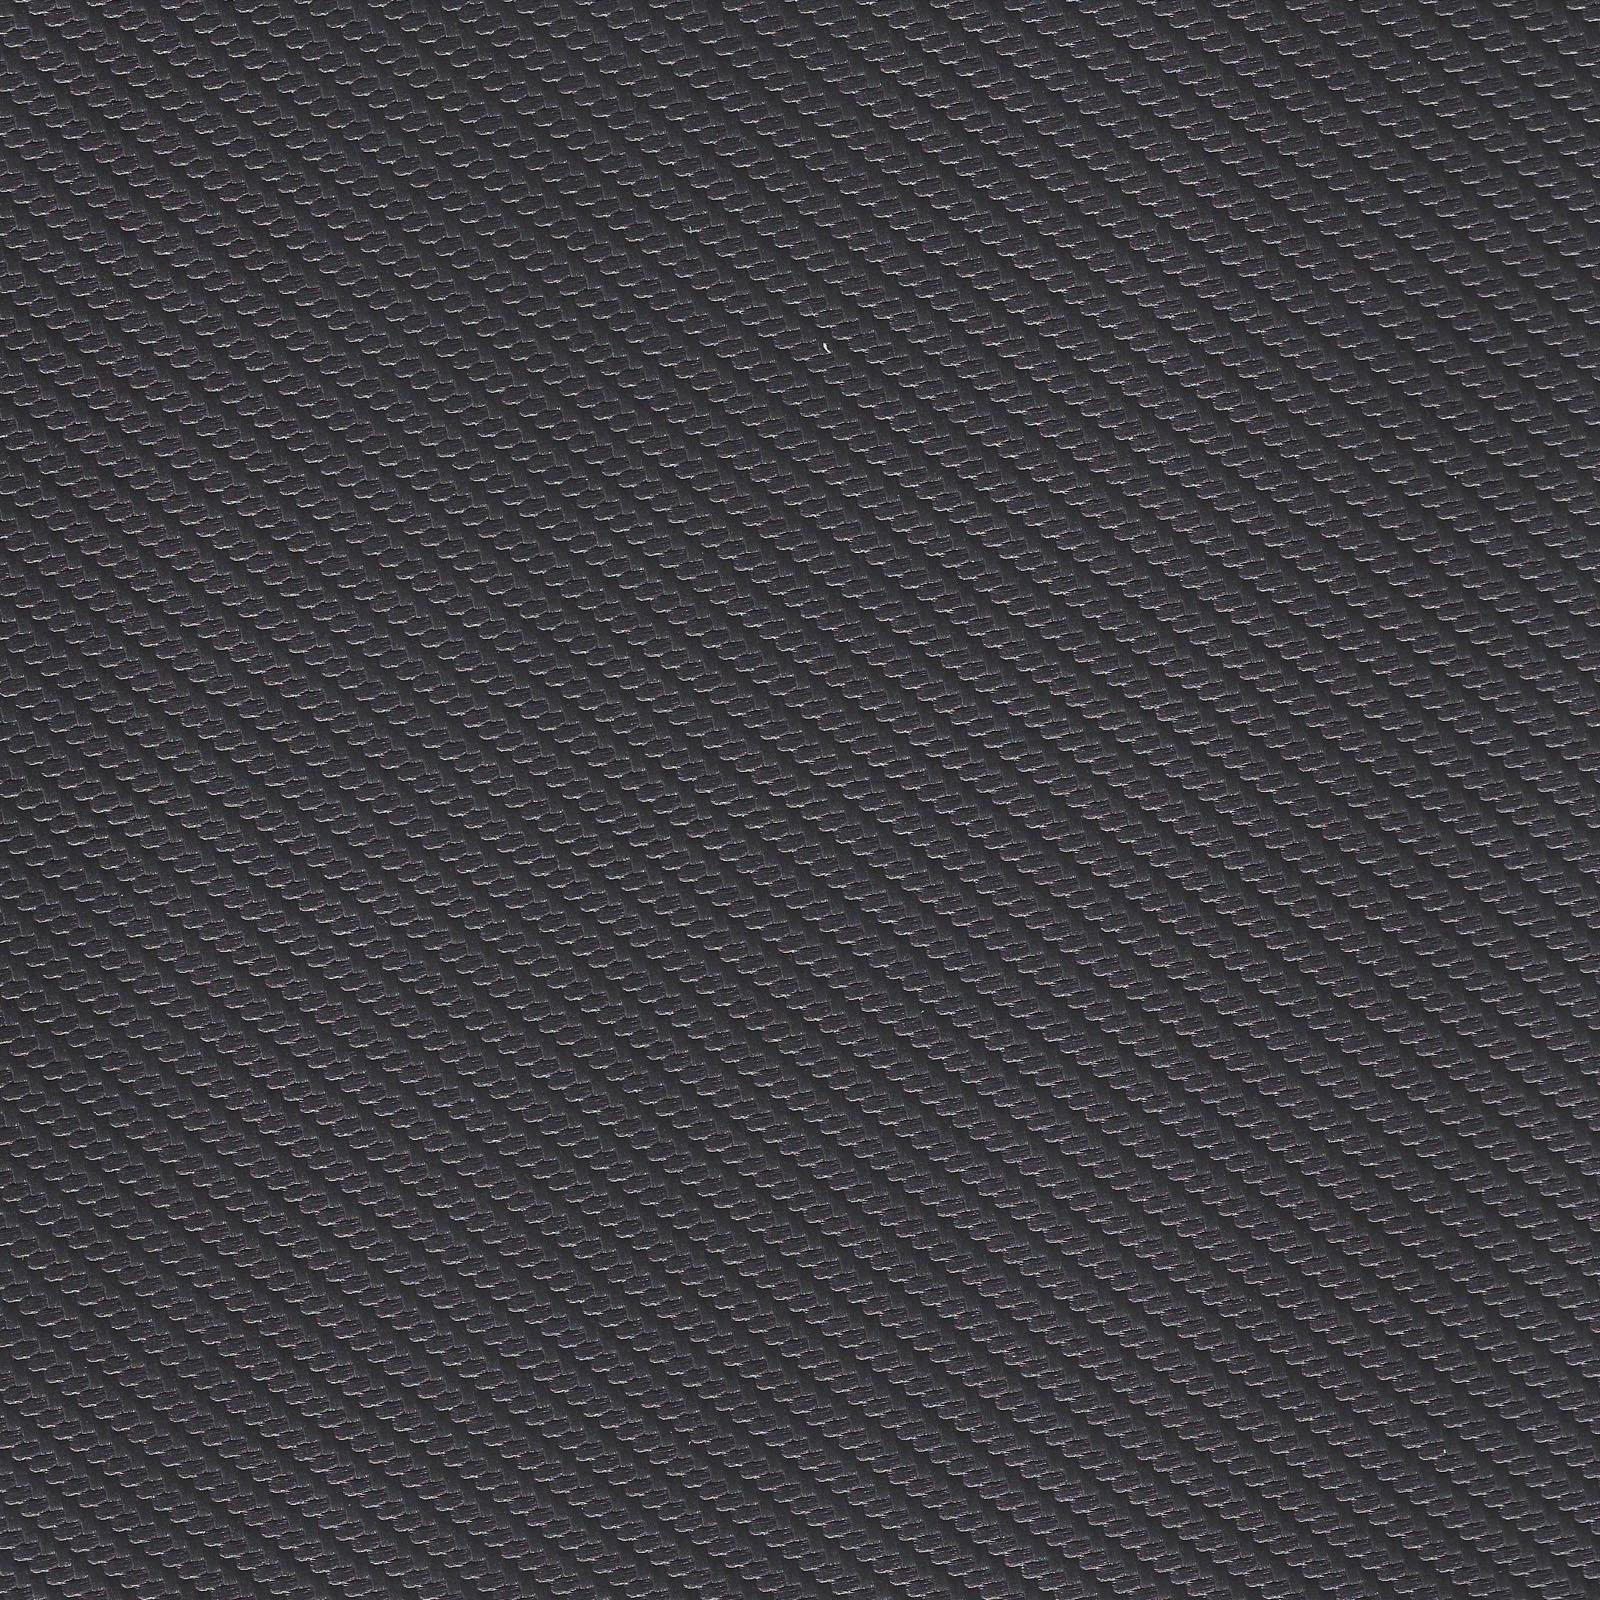 Carbon Fiber - CAR-1110 - Flint